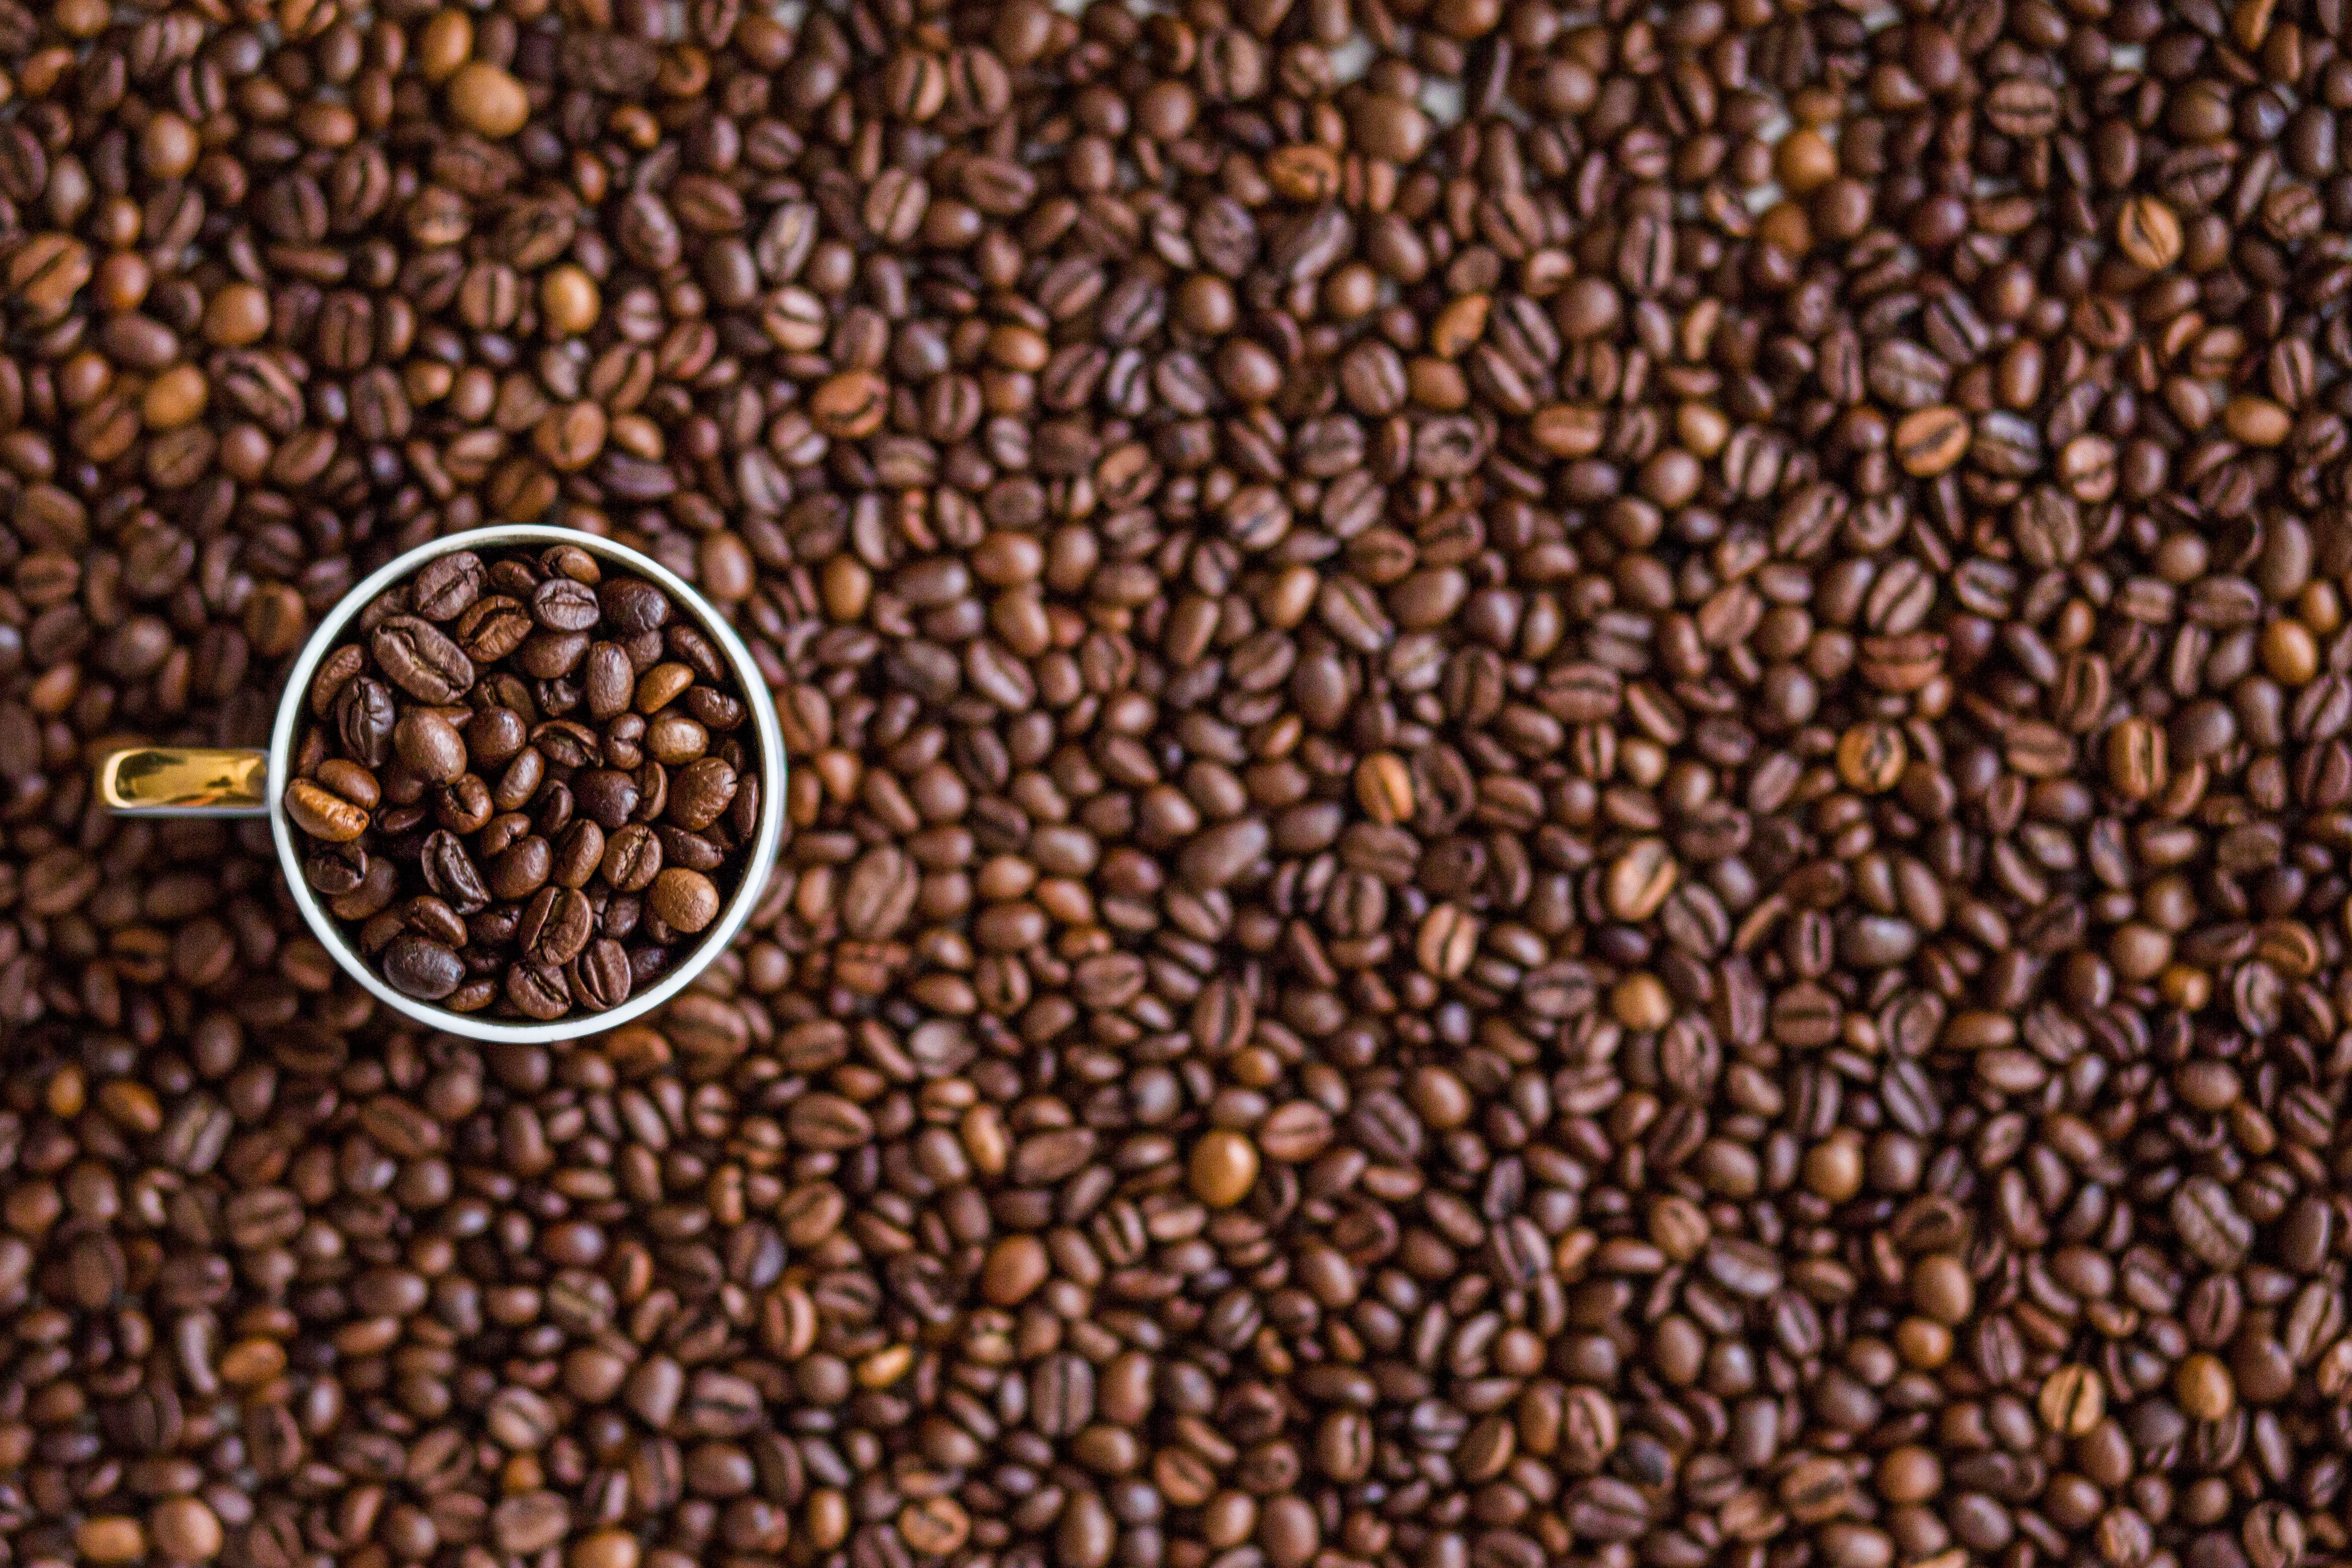 Gratis lagerfoto af bønner, Drik, kaffe, kaffebønner